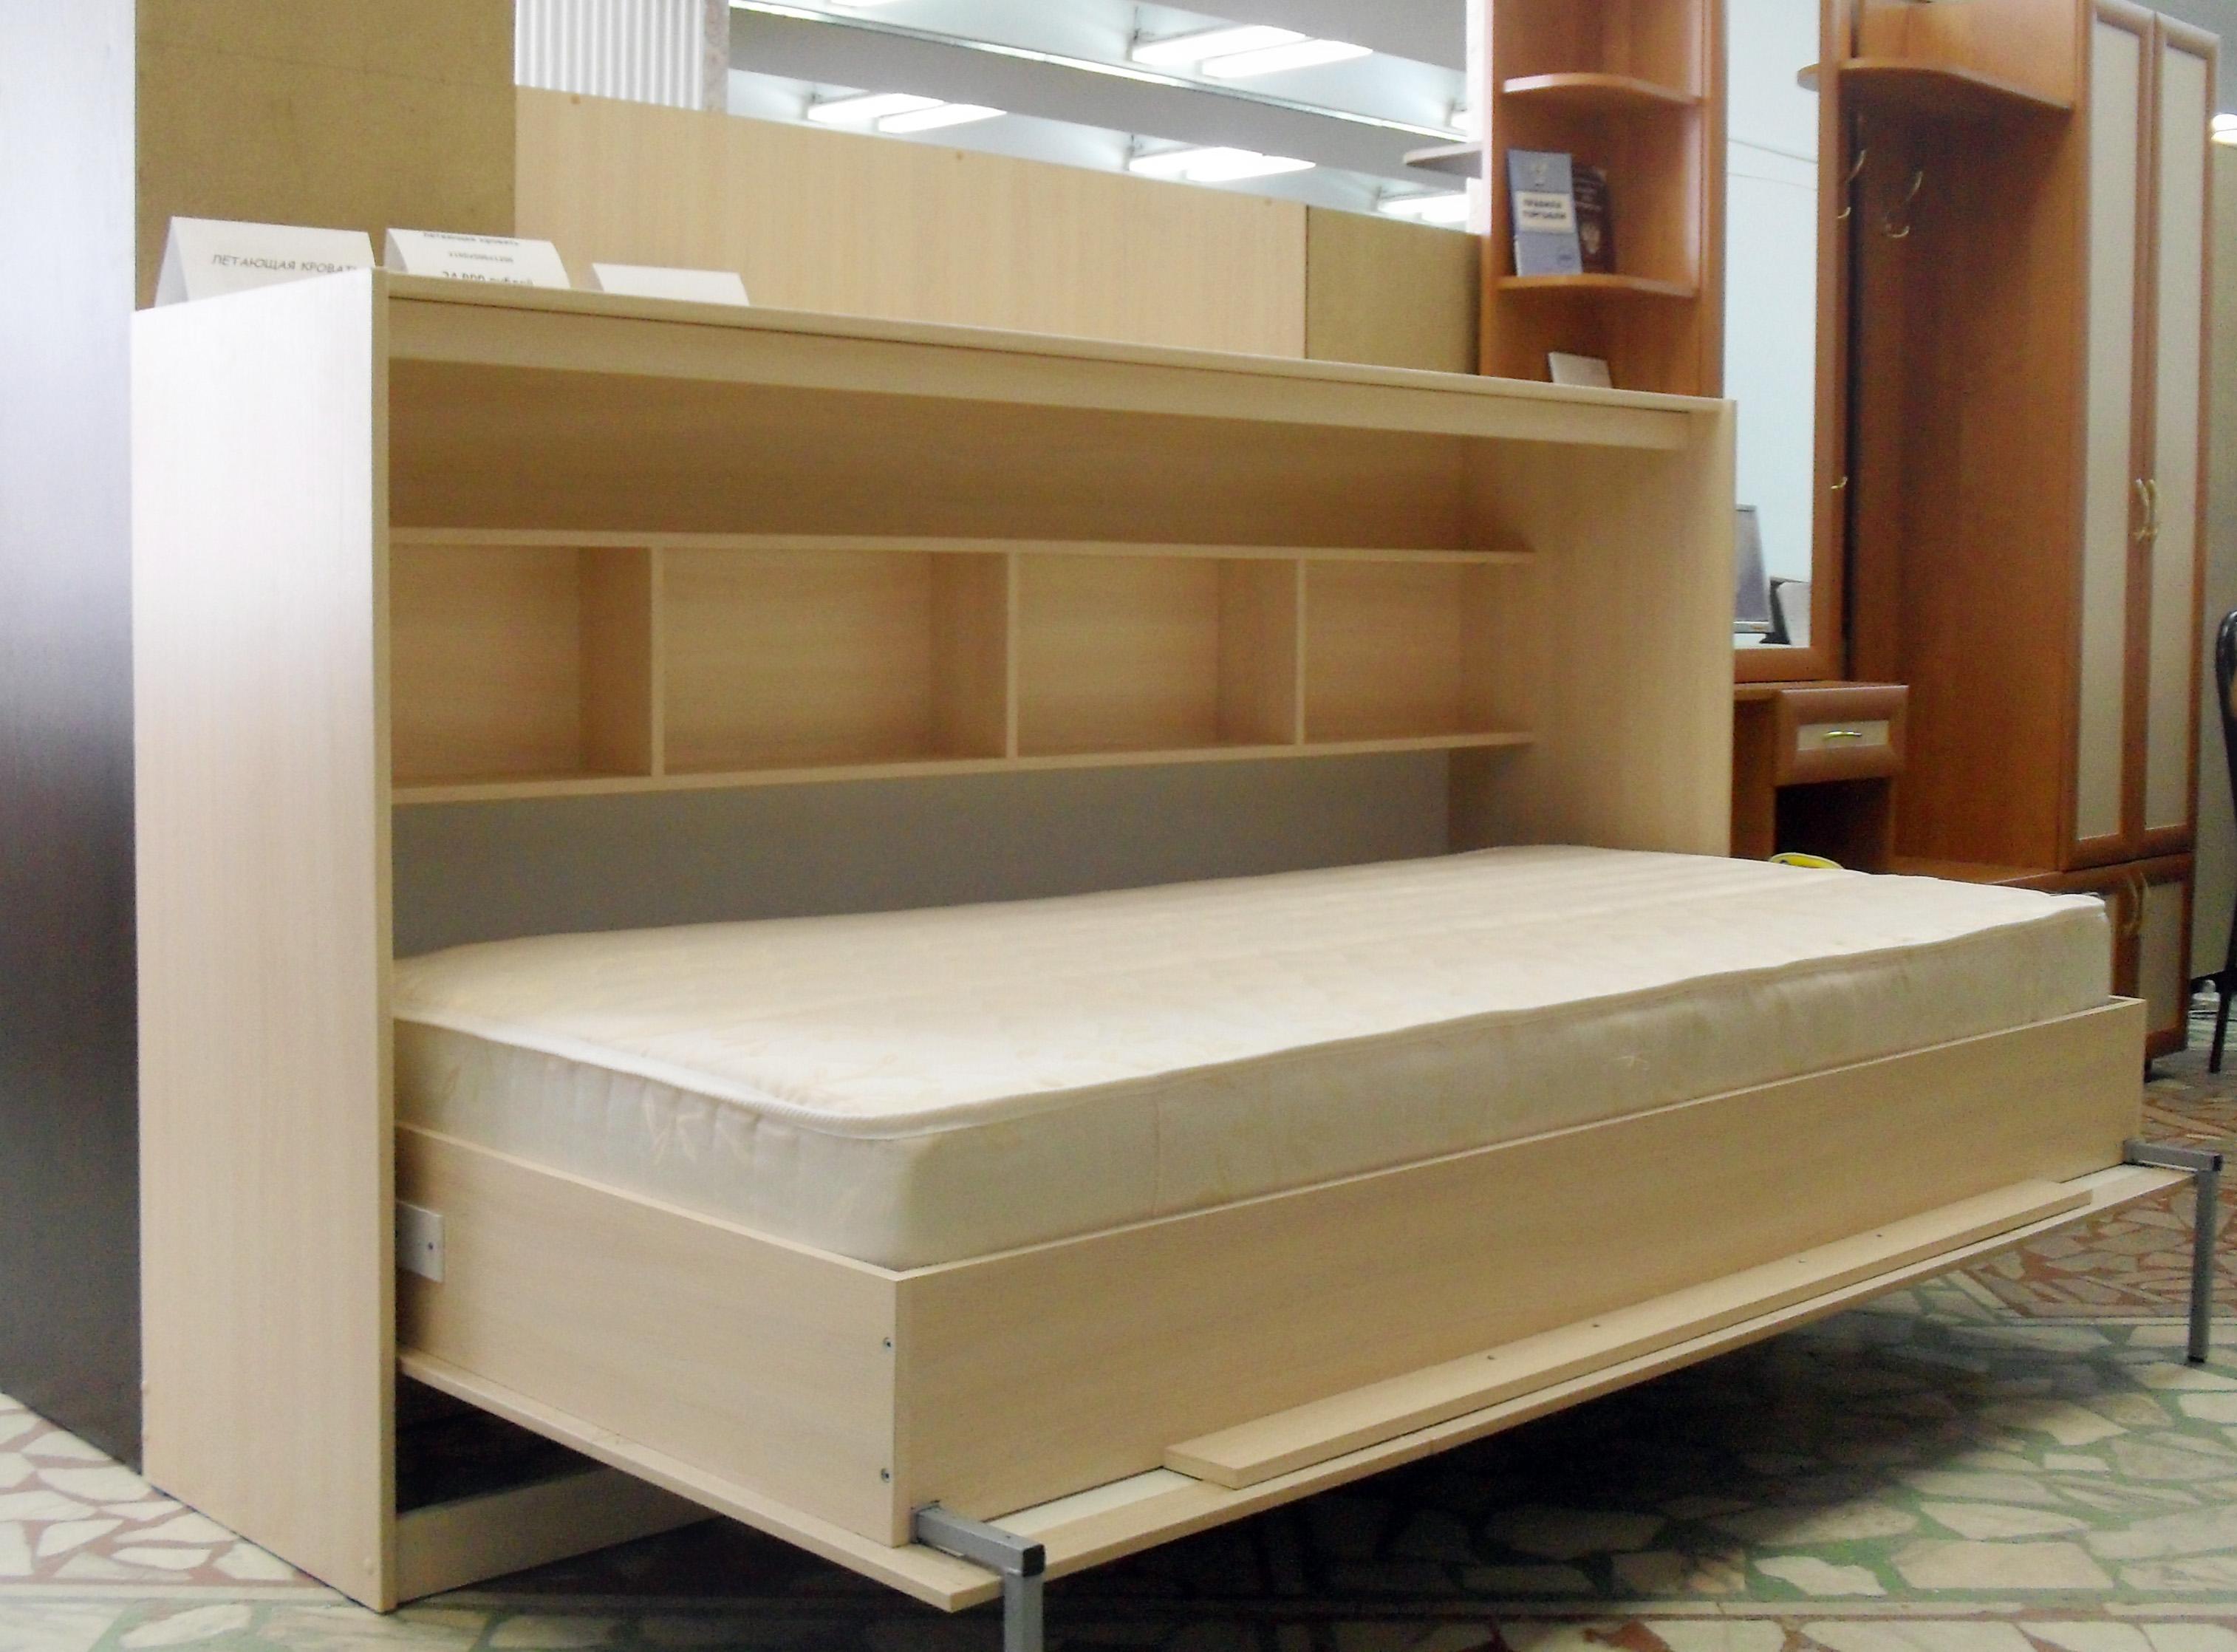 внутренний вид шкафа-кровати